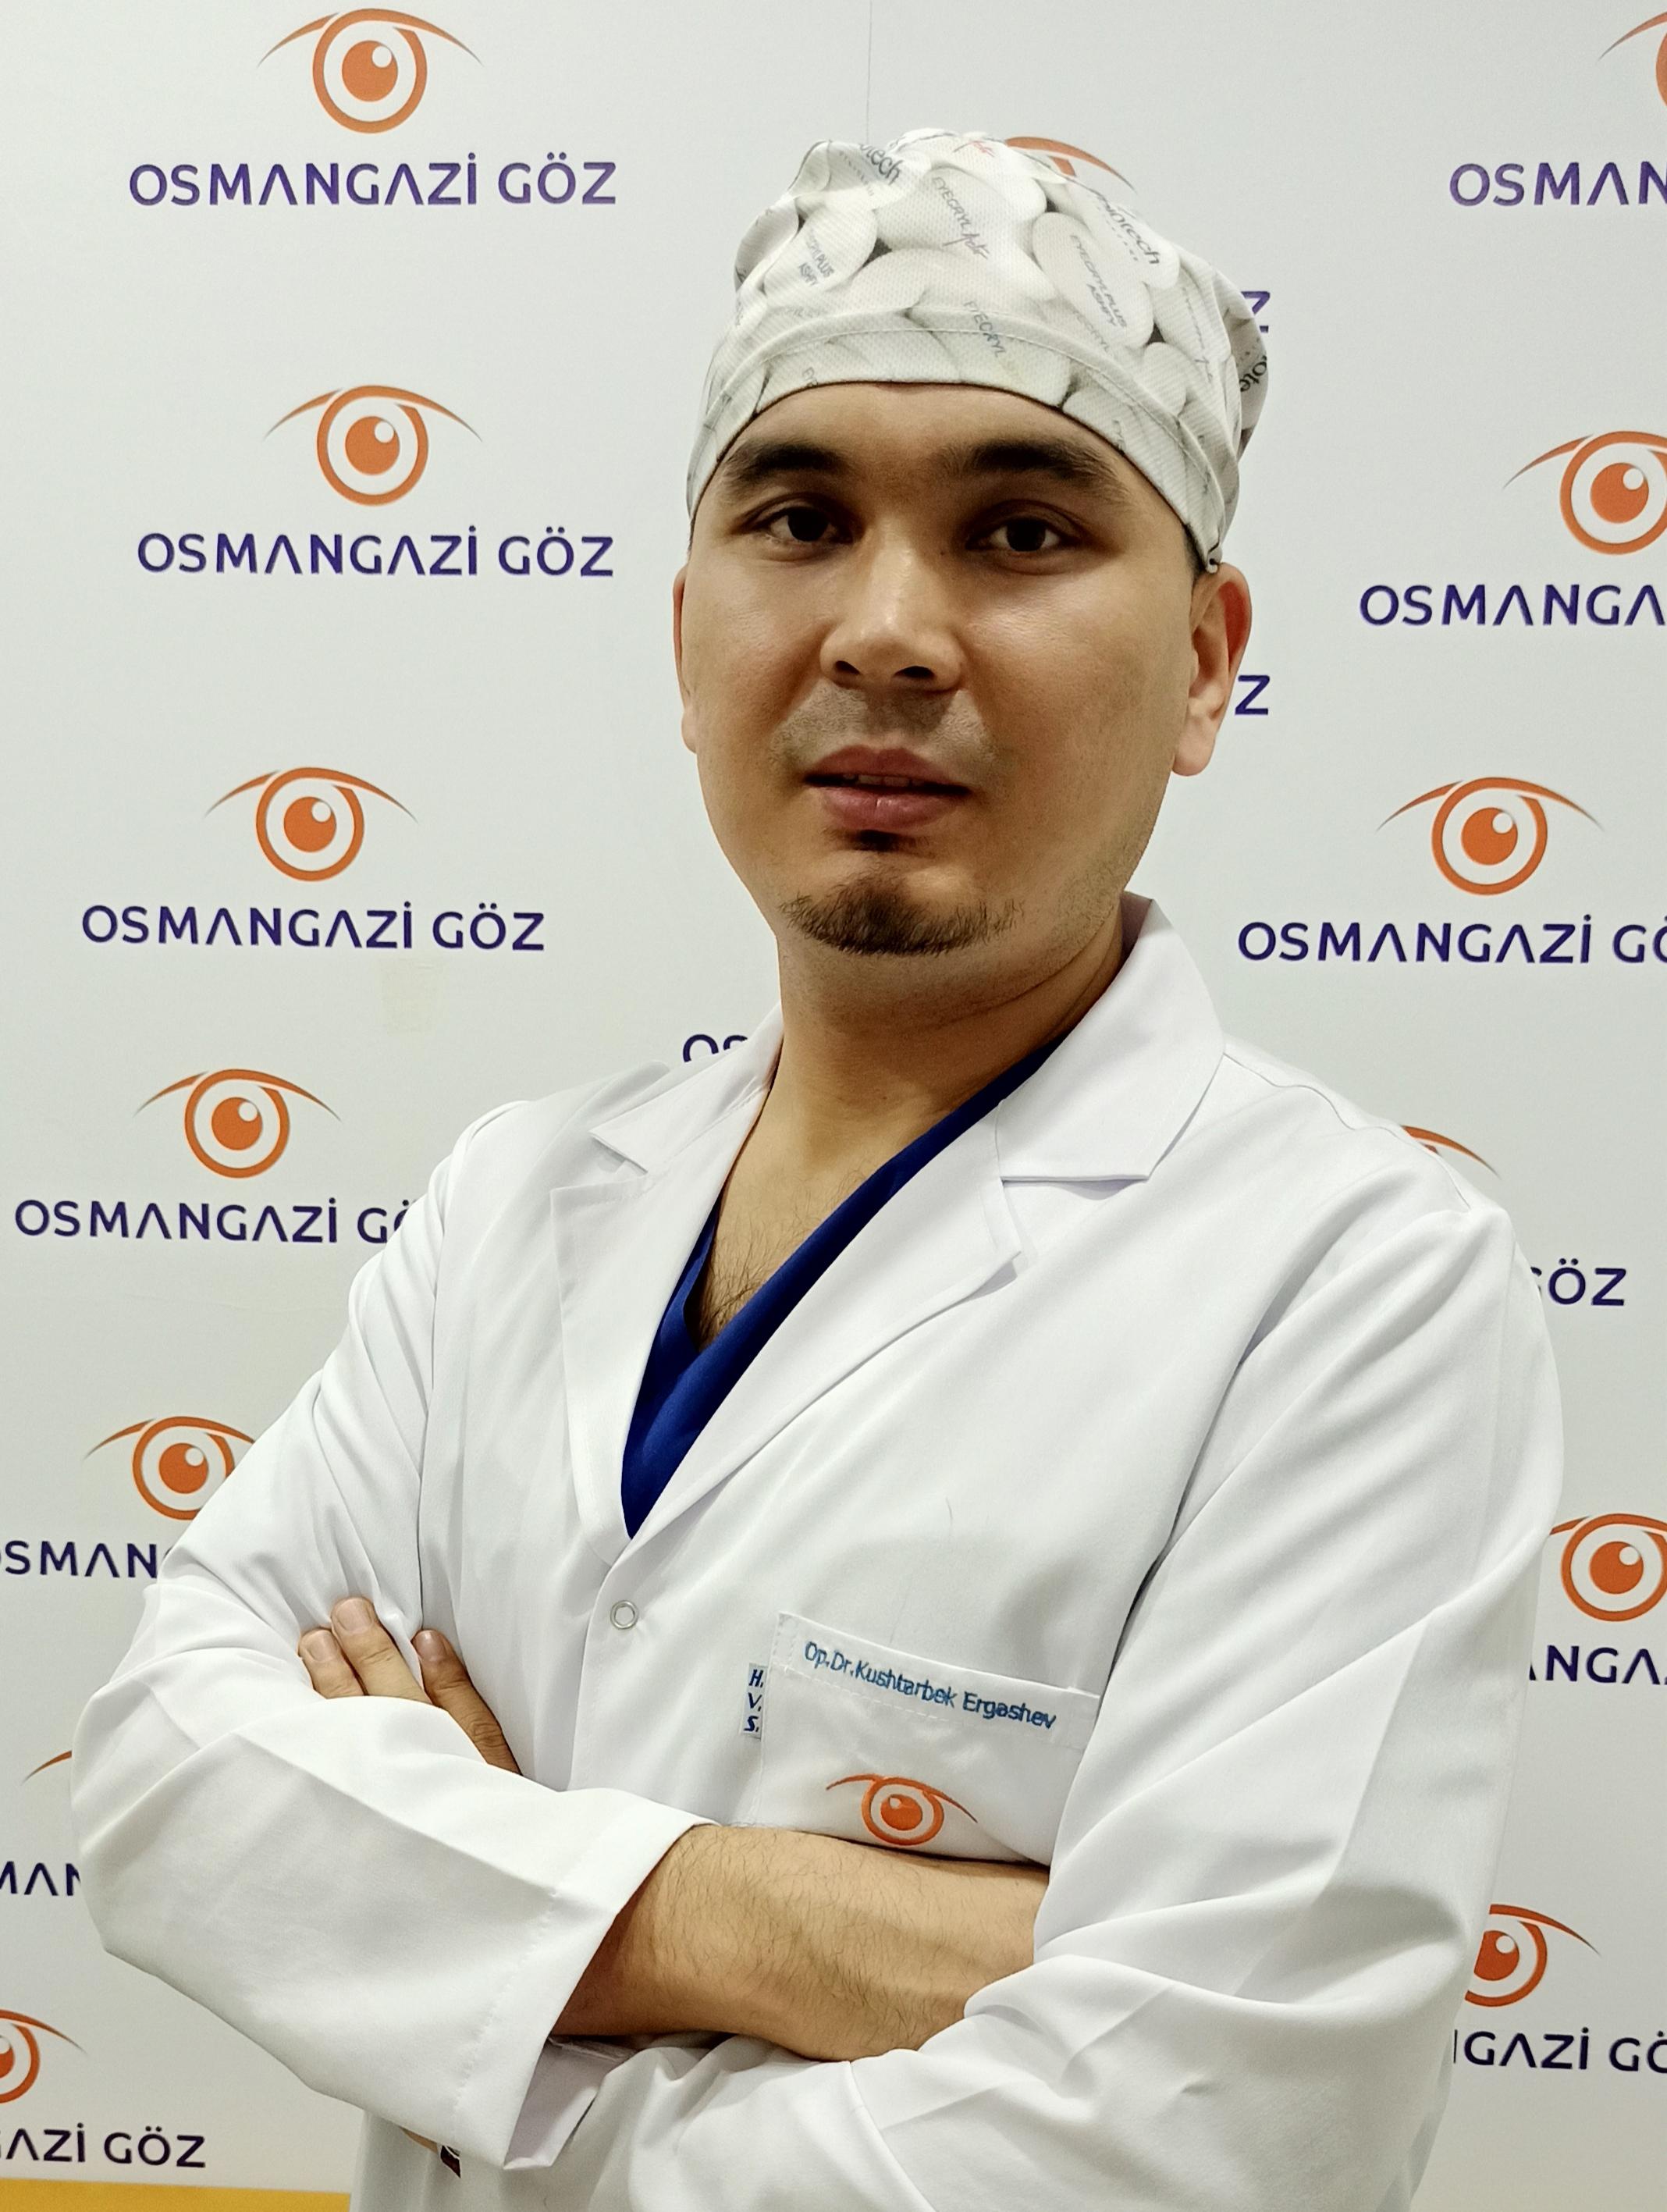 Op.Dr. Kushtarbek Ergashev